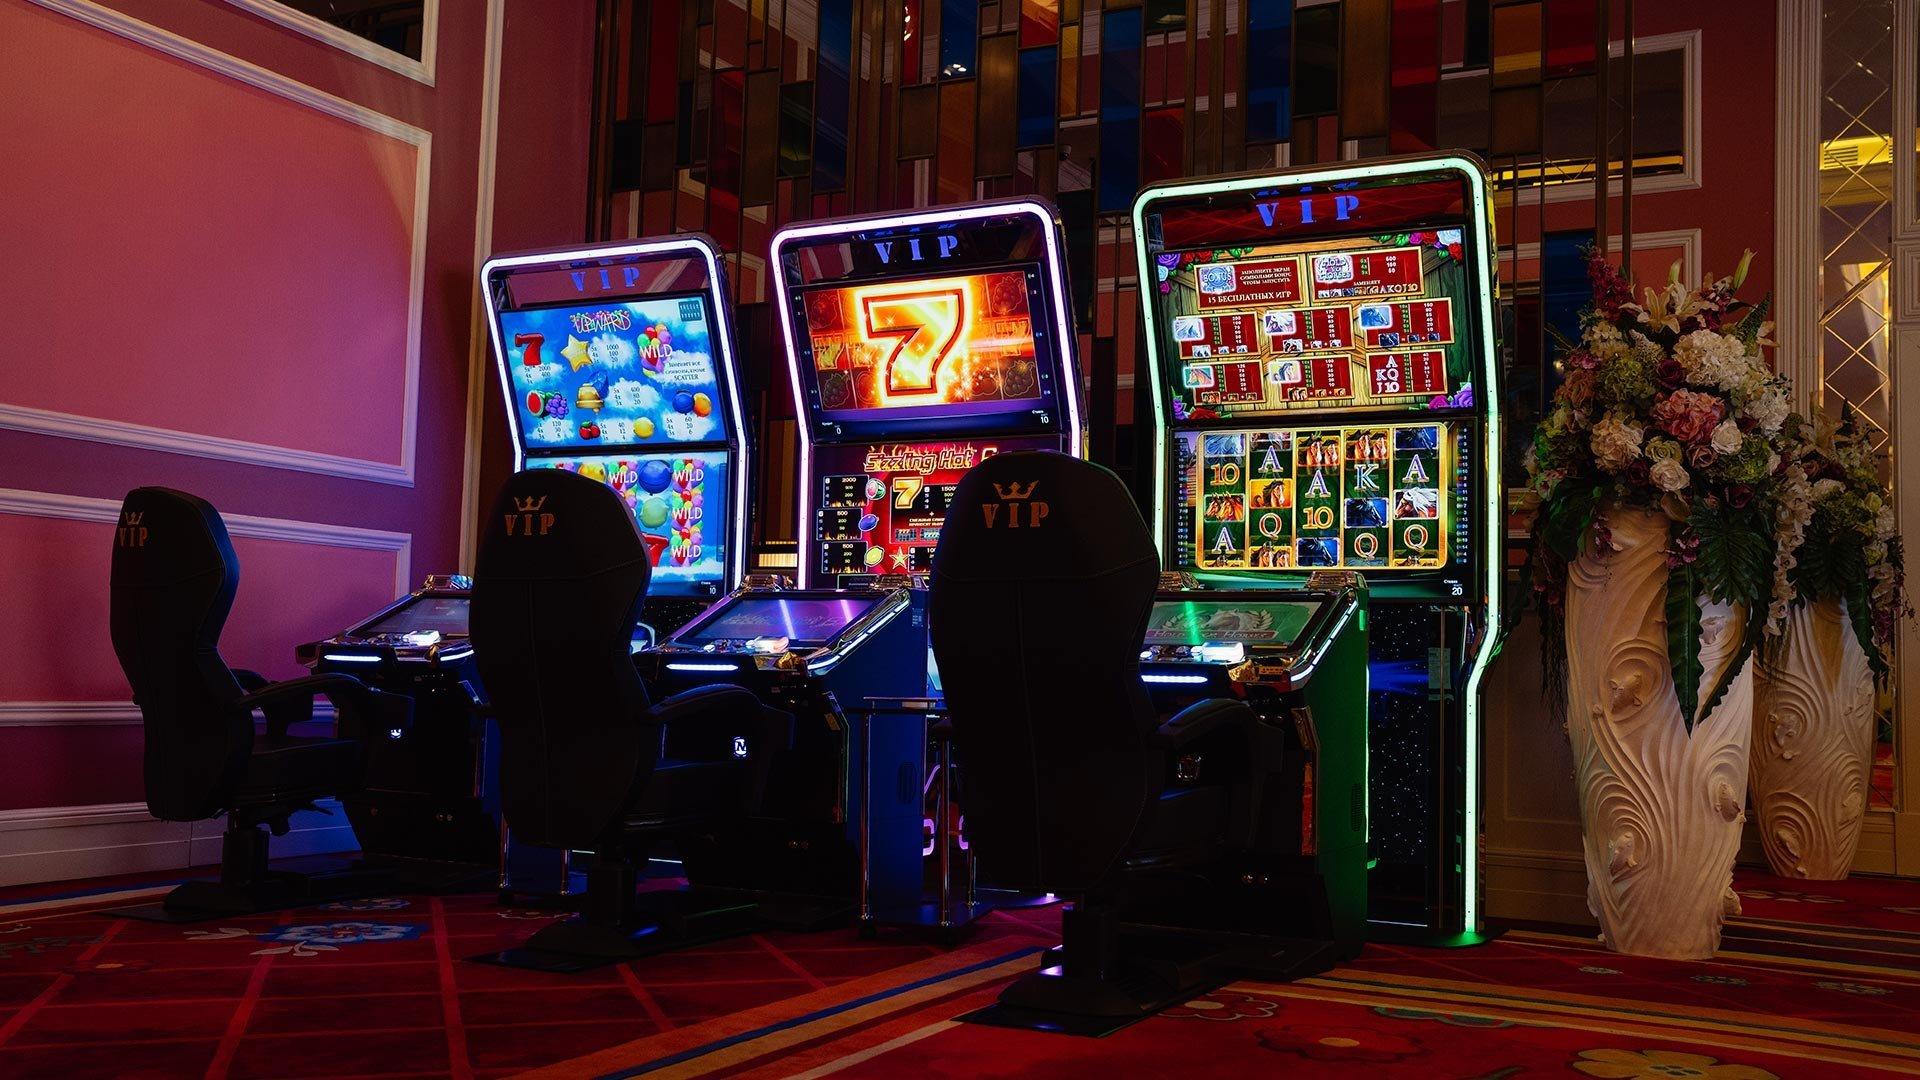 Игровые автоматы casino x777 рейтинг слотов рф игровые автоматы на деньги хорошие